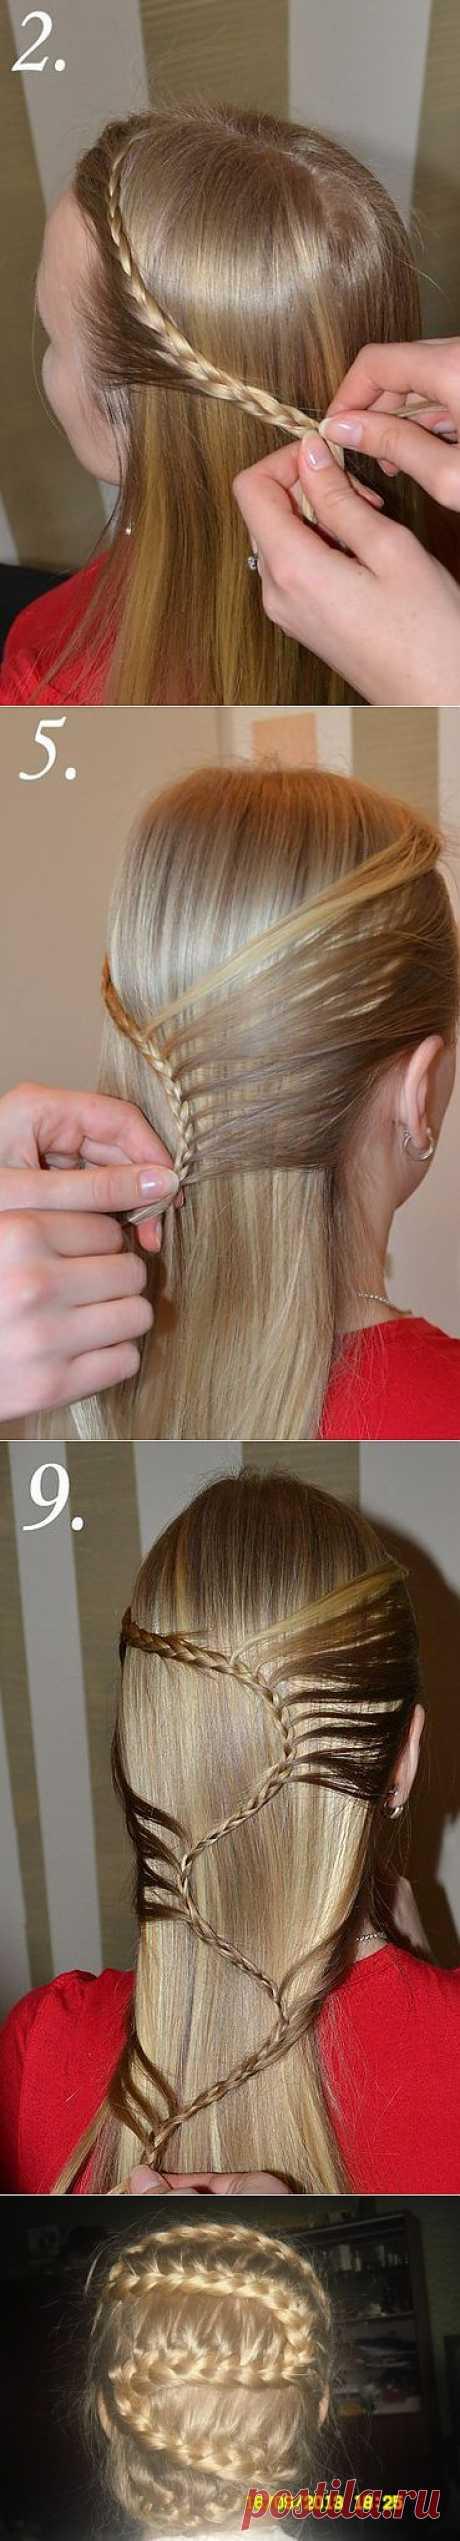 Hairdress snake